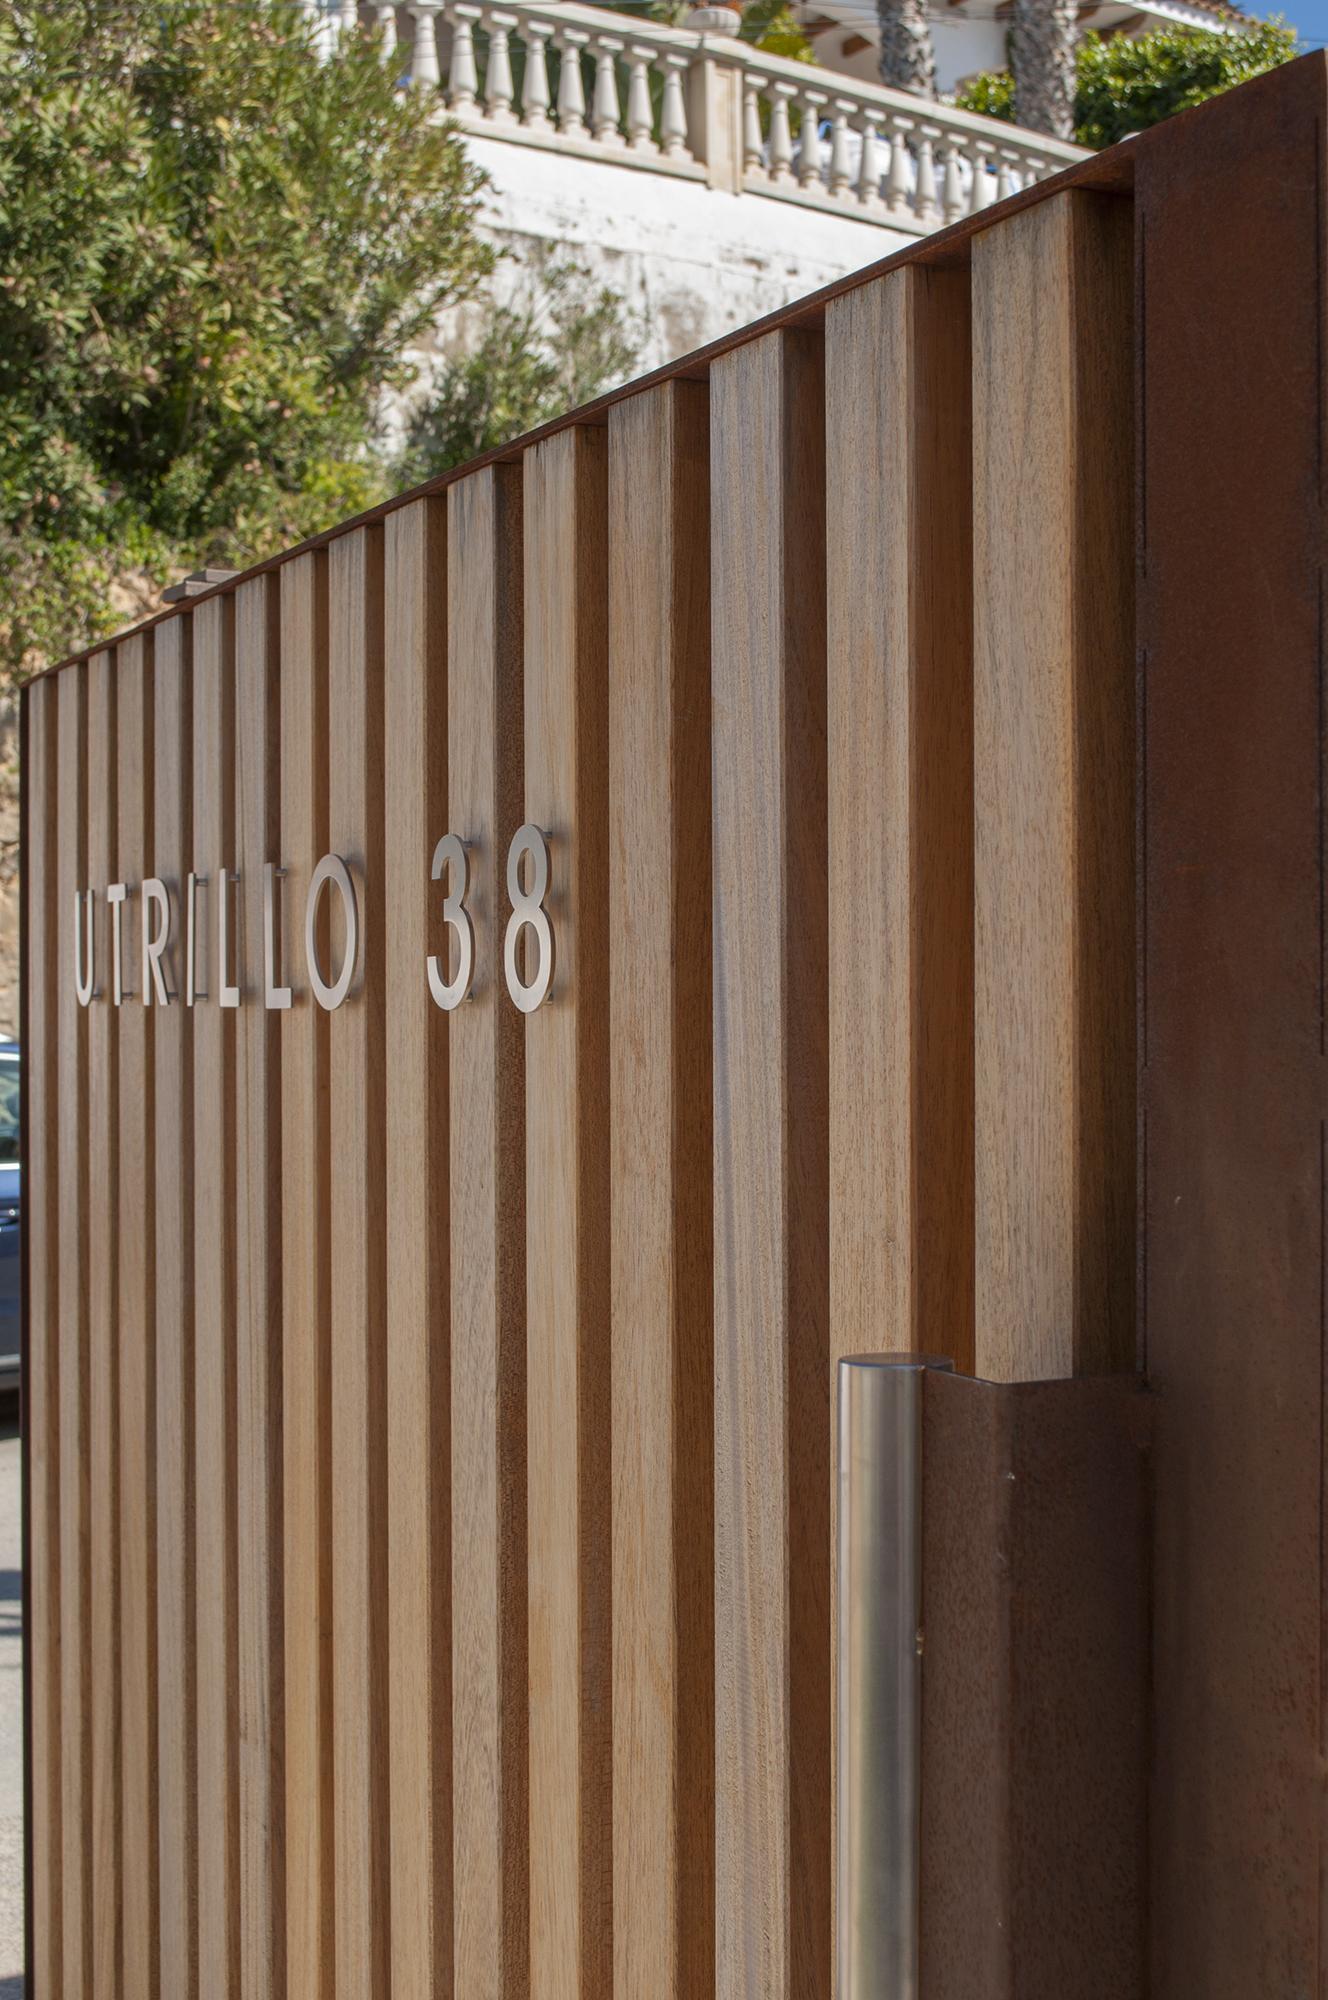 3-rardo-architects-casas-en-sitges-fachada-entrada-valla-de-madera